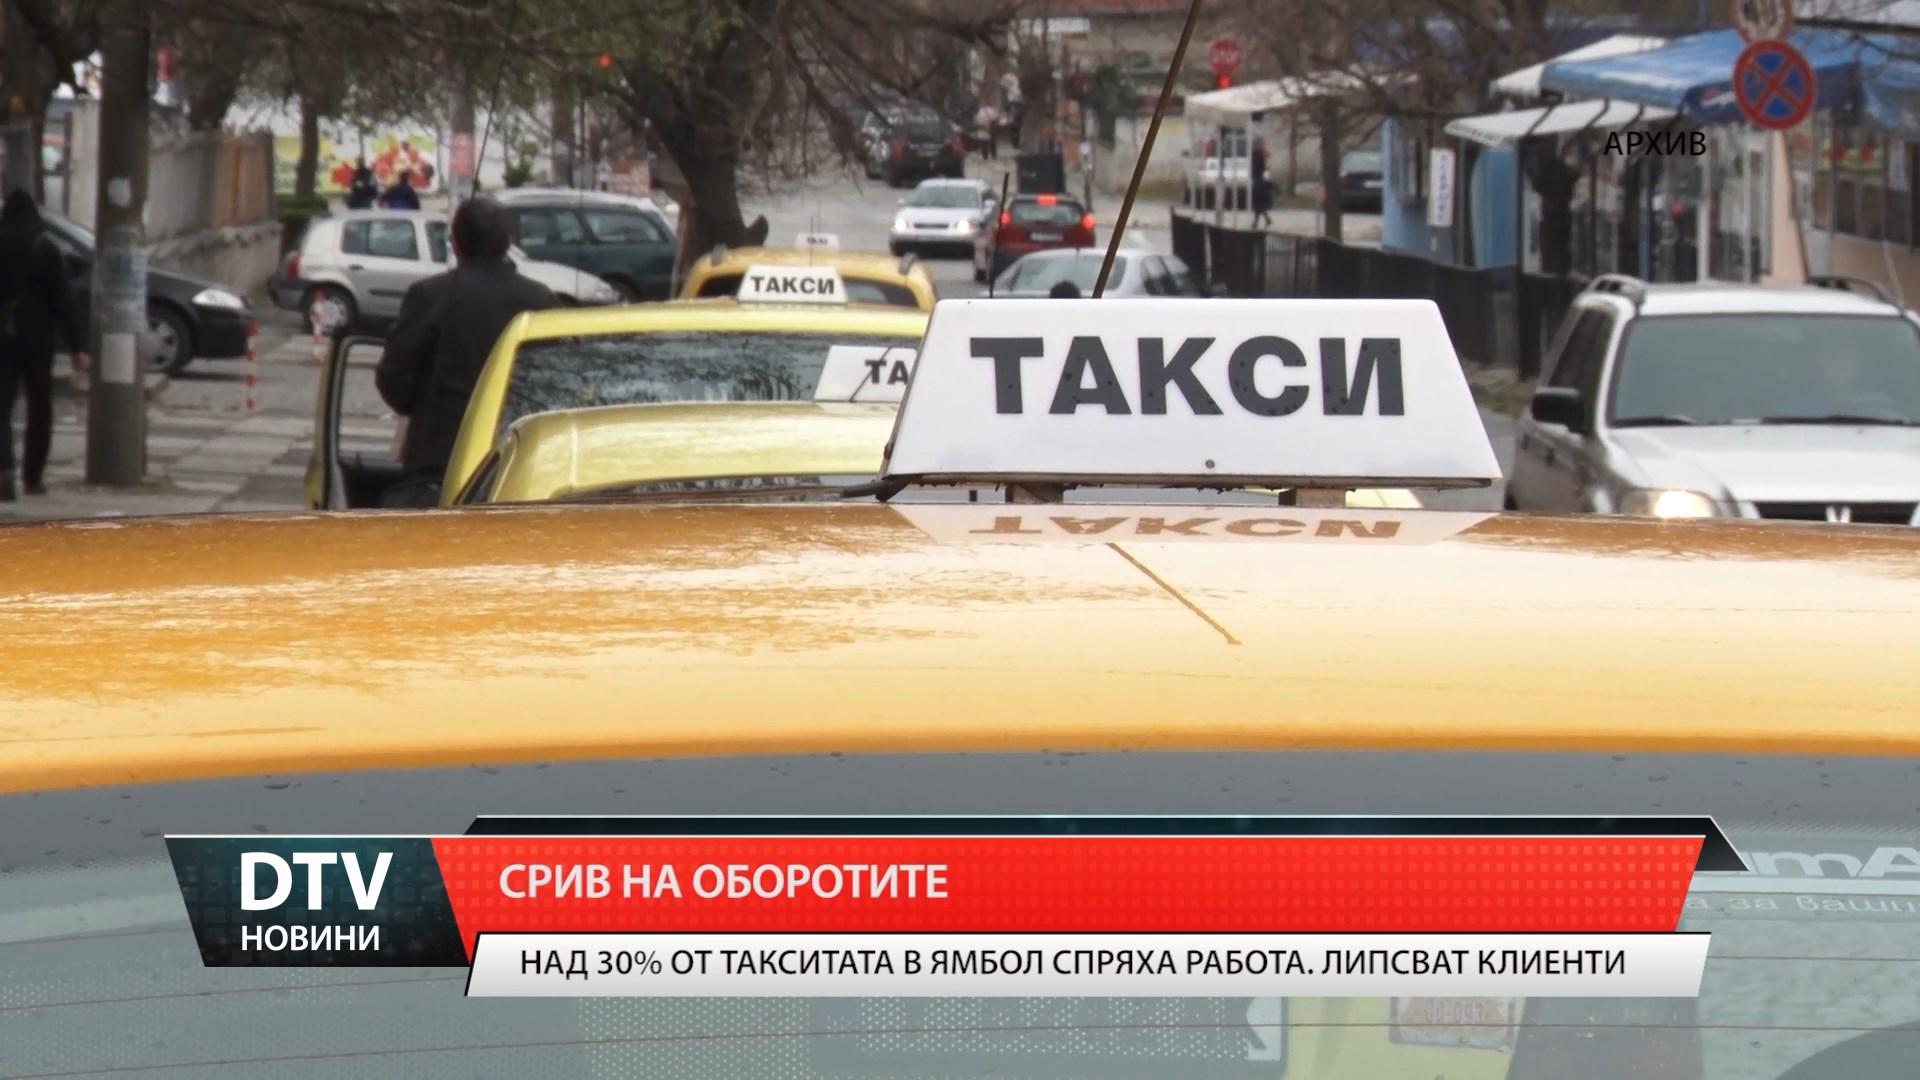 Много таксита в Ямбол спират работа